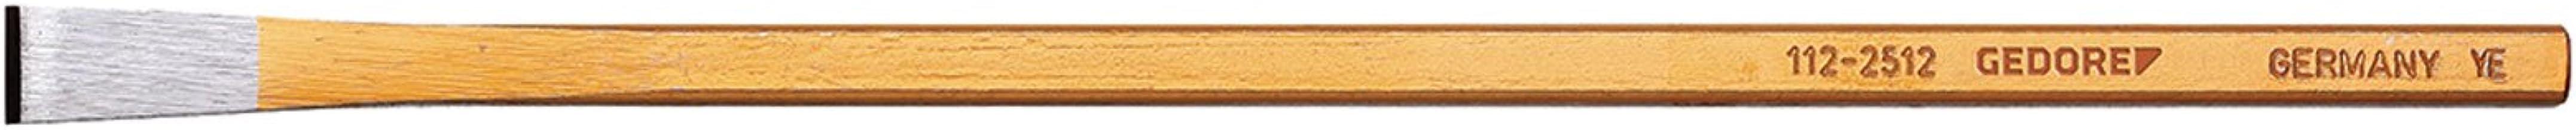 GEDORE 112-2508 elektrisk Mejsel 4-kanal, 250 x 8 x 6 mm, 250 x 8 x 6 mm